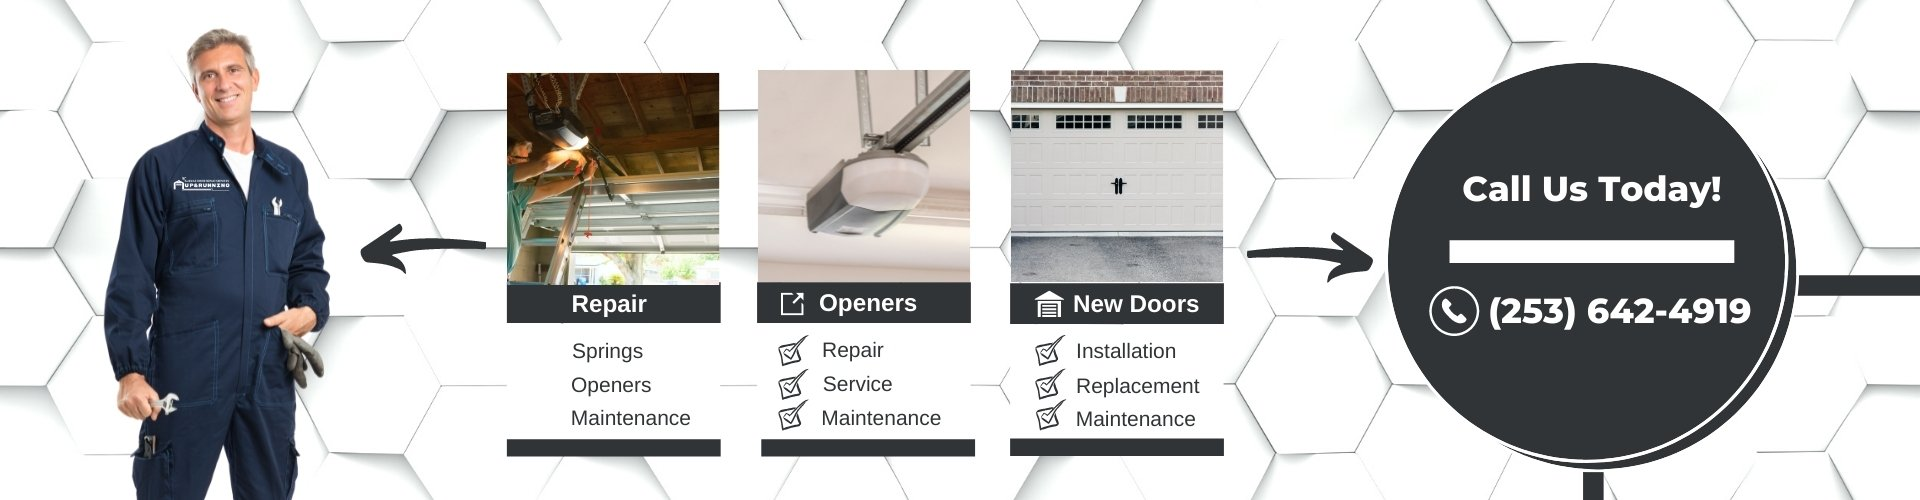 Up & Running - Garage Door Services - Image Slider